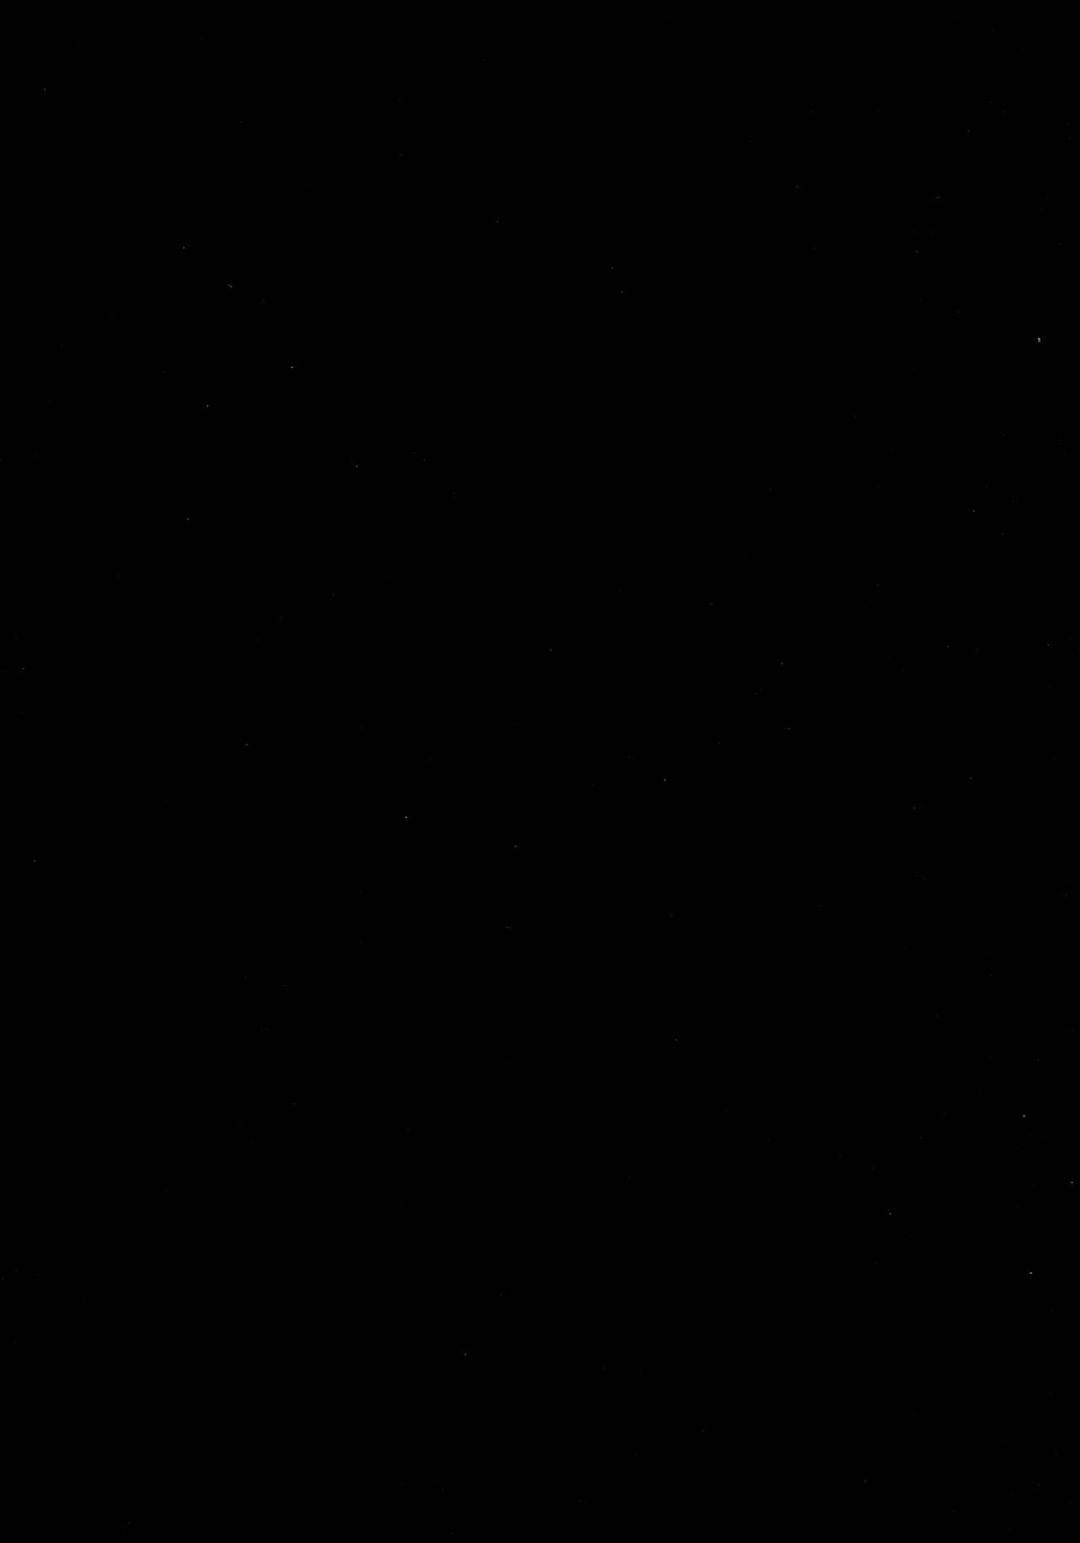 【エロ同人誌】ご主人のベットを占領して熟睡するタマモキャット…寝返りでずれたエプロンから巨乳が露わになり事故でご主人が触ってしまう!【カタミミヘッドフォン (蟻吉げん)]:猫箱/Fate/Grand Order】